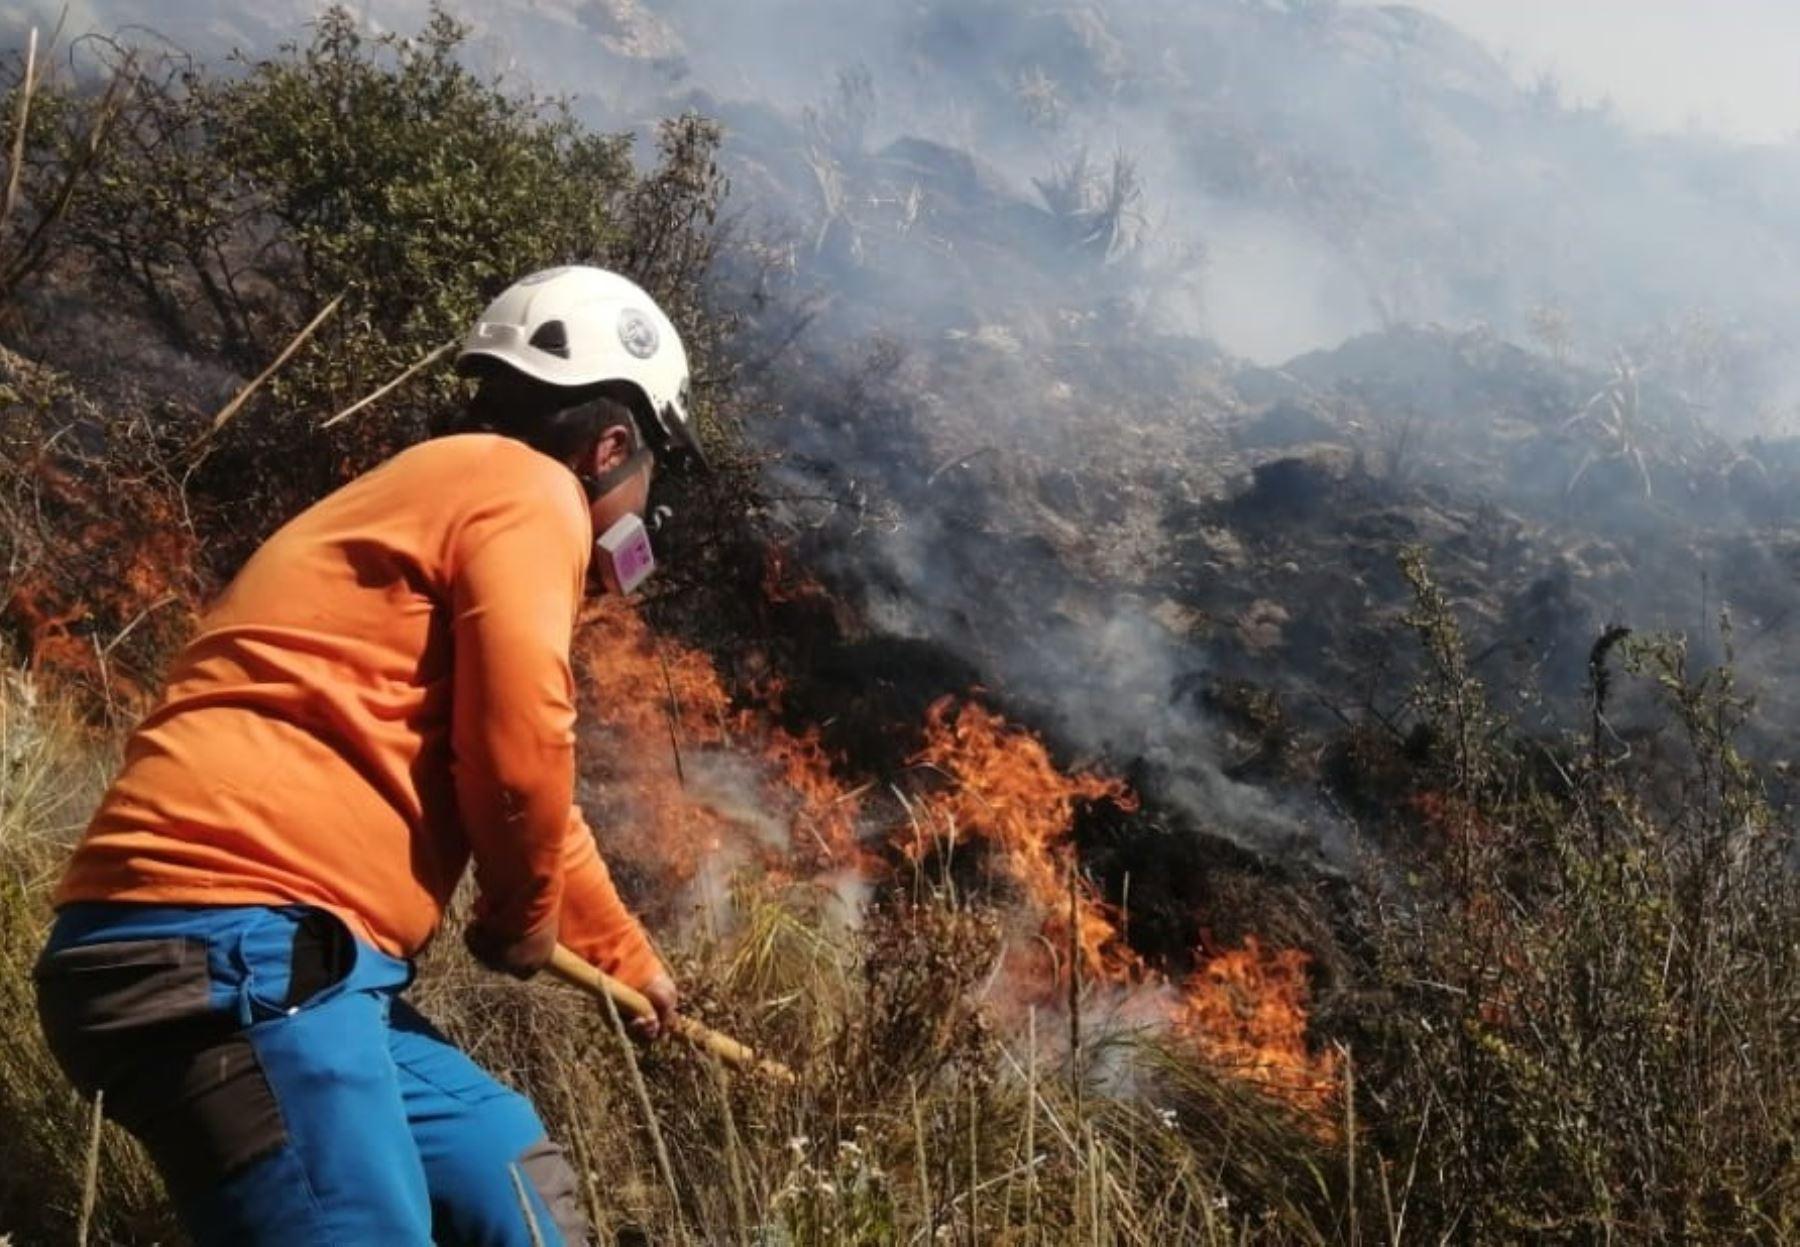 Brigadistas del COER Áncash sofocaron incendio forestal que arrasó con 200 hectáreas de pastos en el Parque Nacional Huascarán.